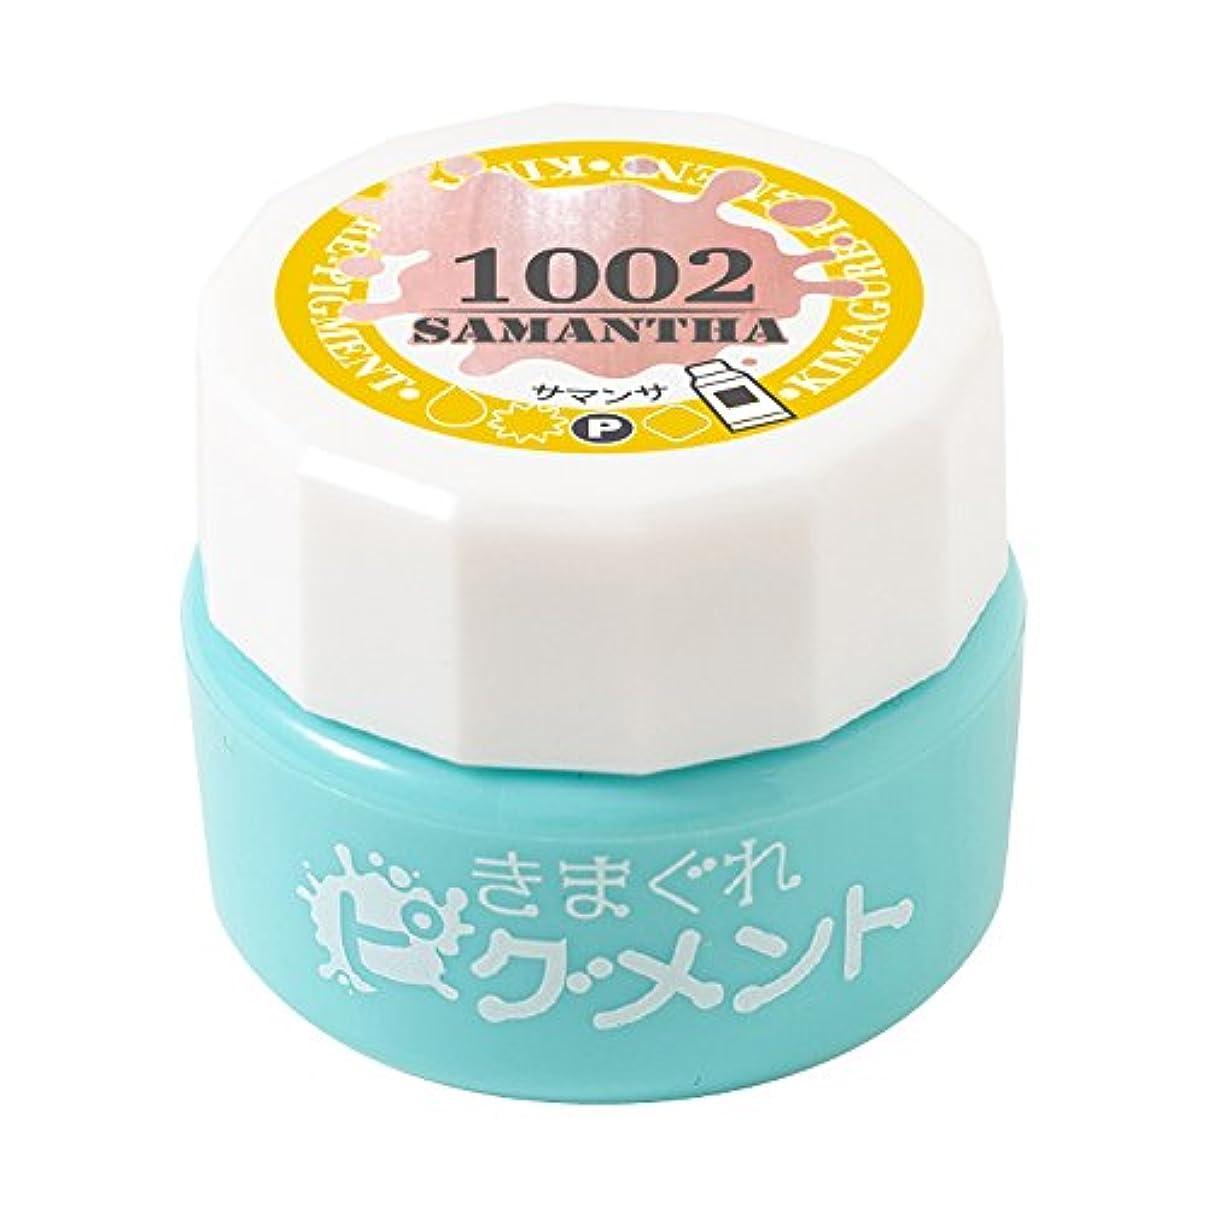 Bettygel きまぐれピグメント サマンサ QYJ-1002 4g UV/LED対応